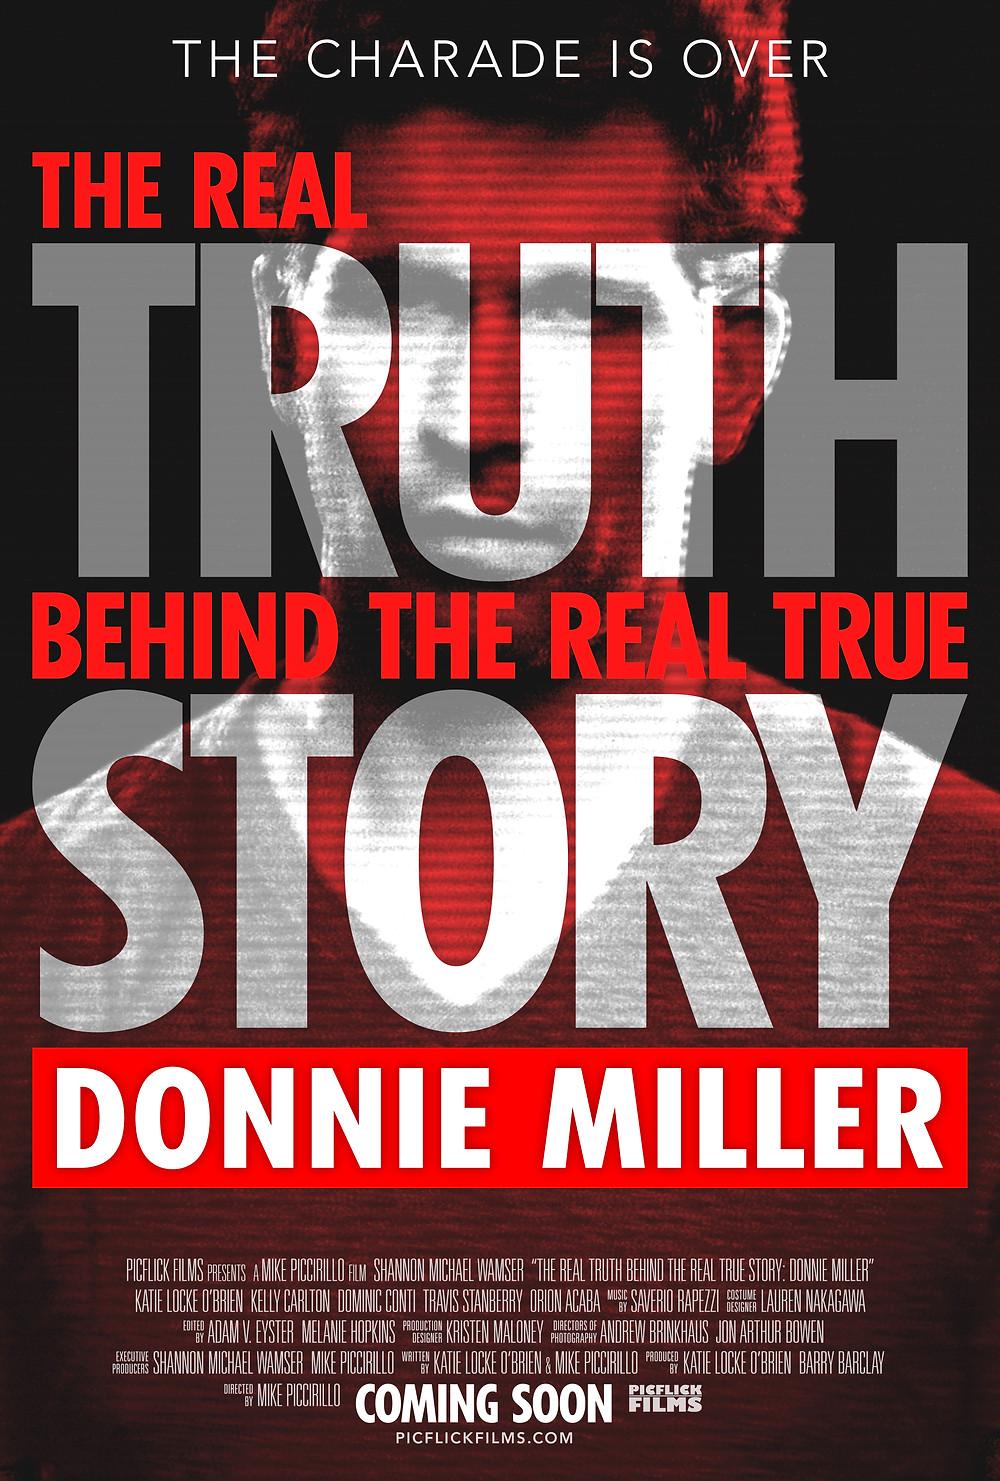 DonnieMiller_OneSheet_wCreds_0213_opt1.jpg